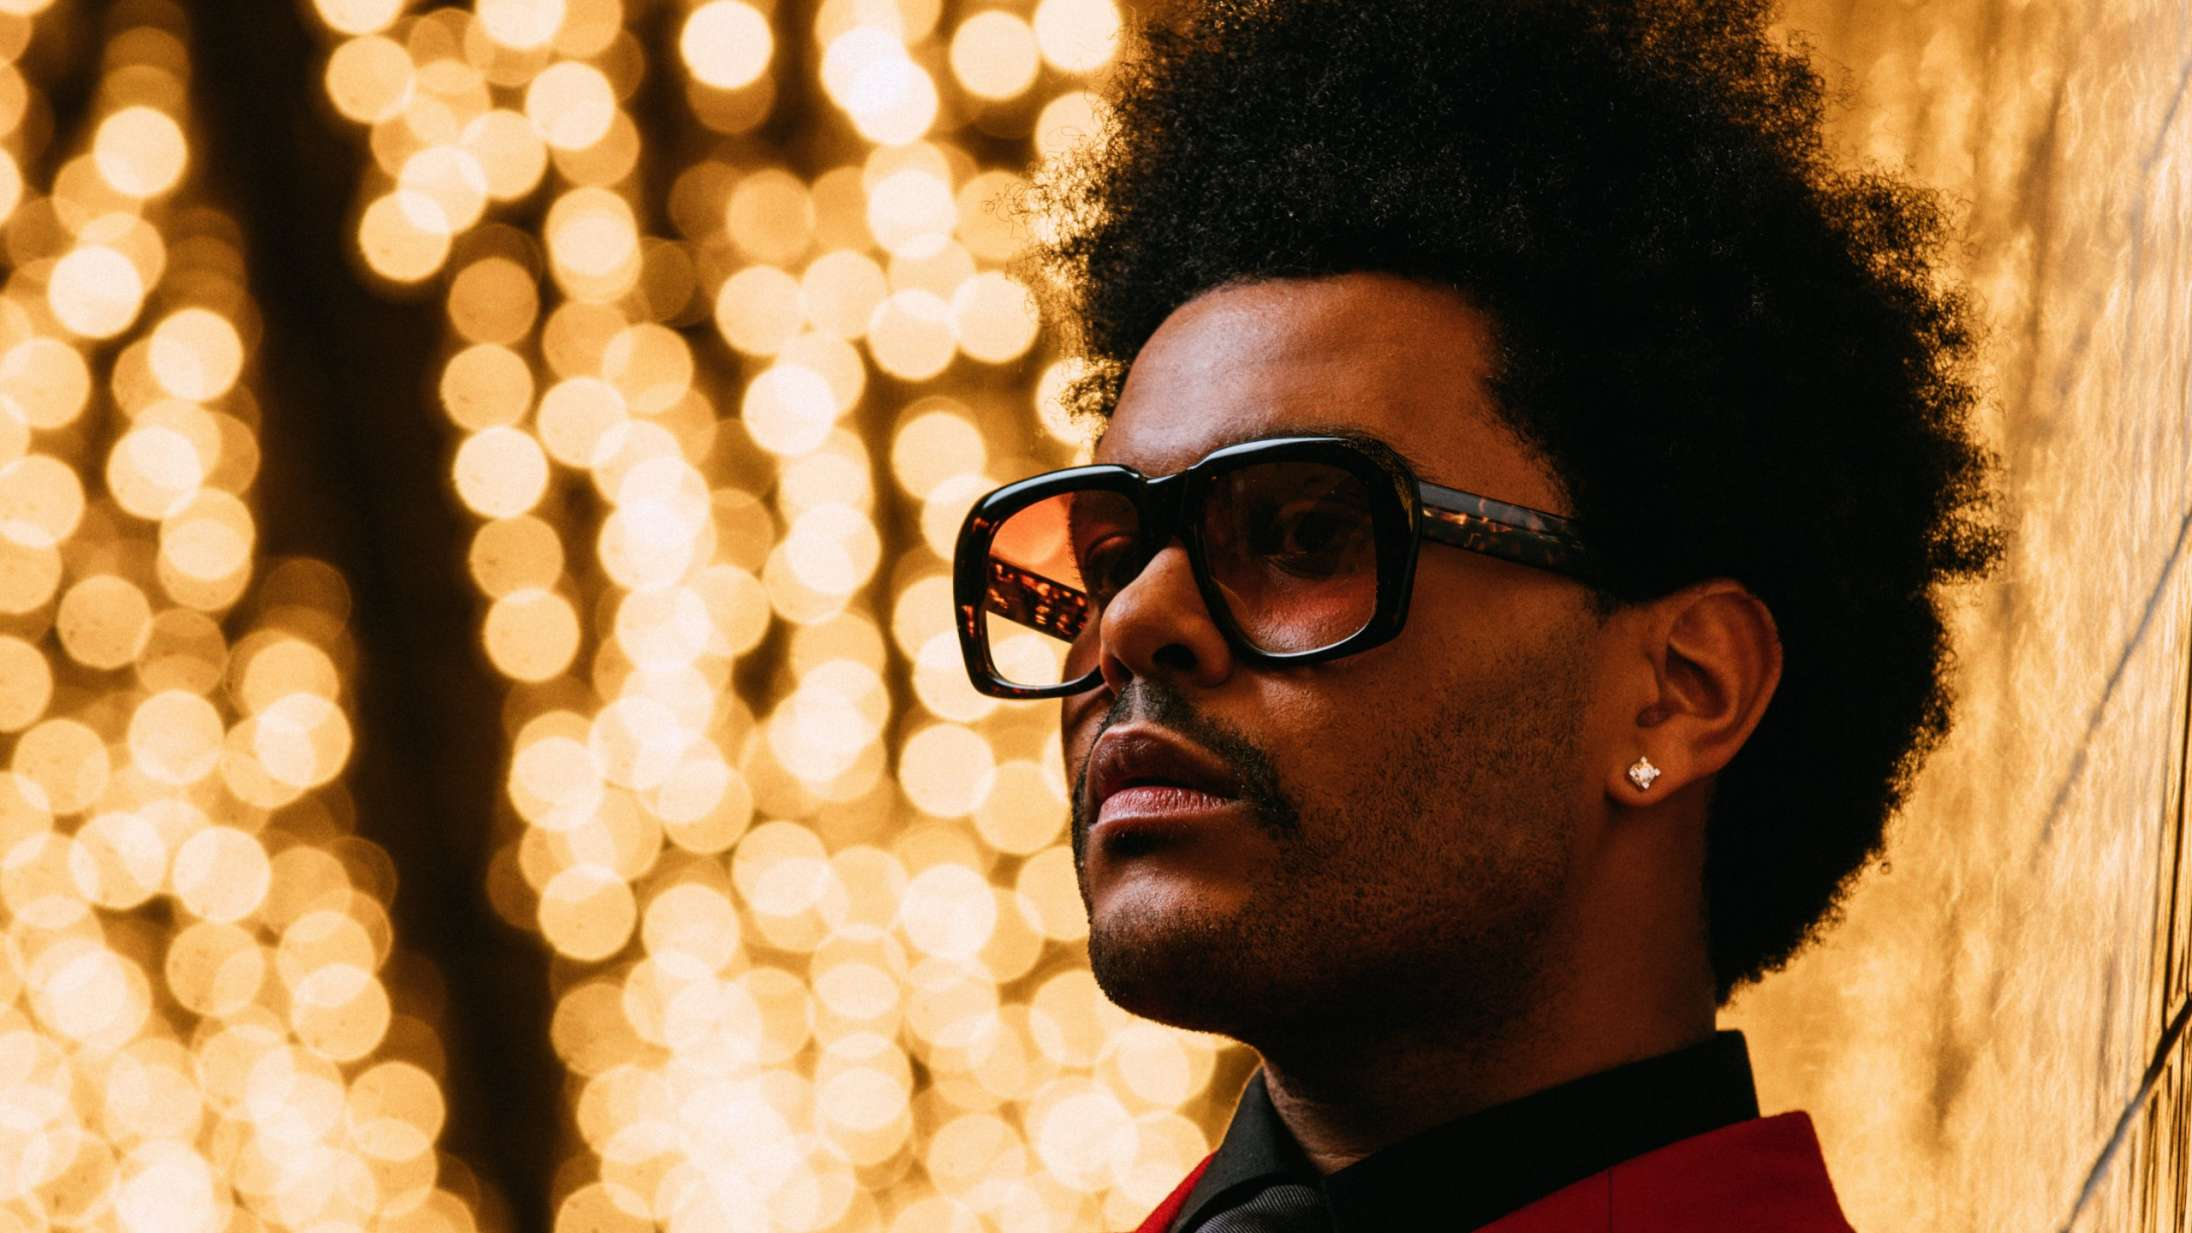 Her er de vigtigste The Weeknd-sange – ifølge sangeren selv